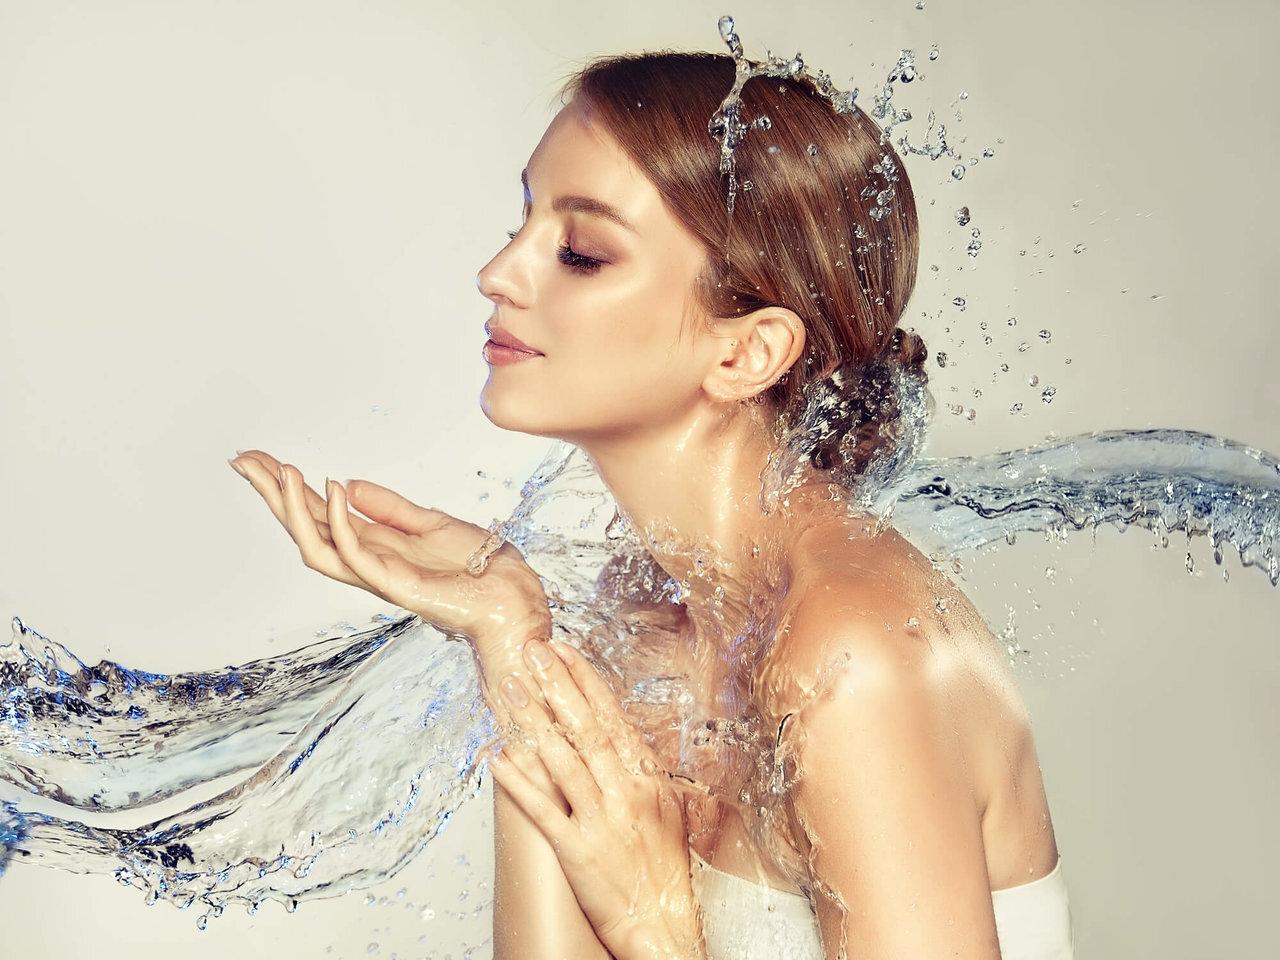 【化粧水の正しい使い方】効果的に使うために再確認したいこと - Her ELEGANCE